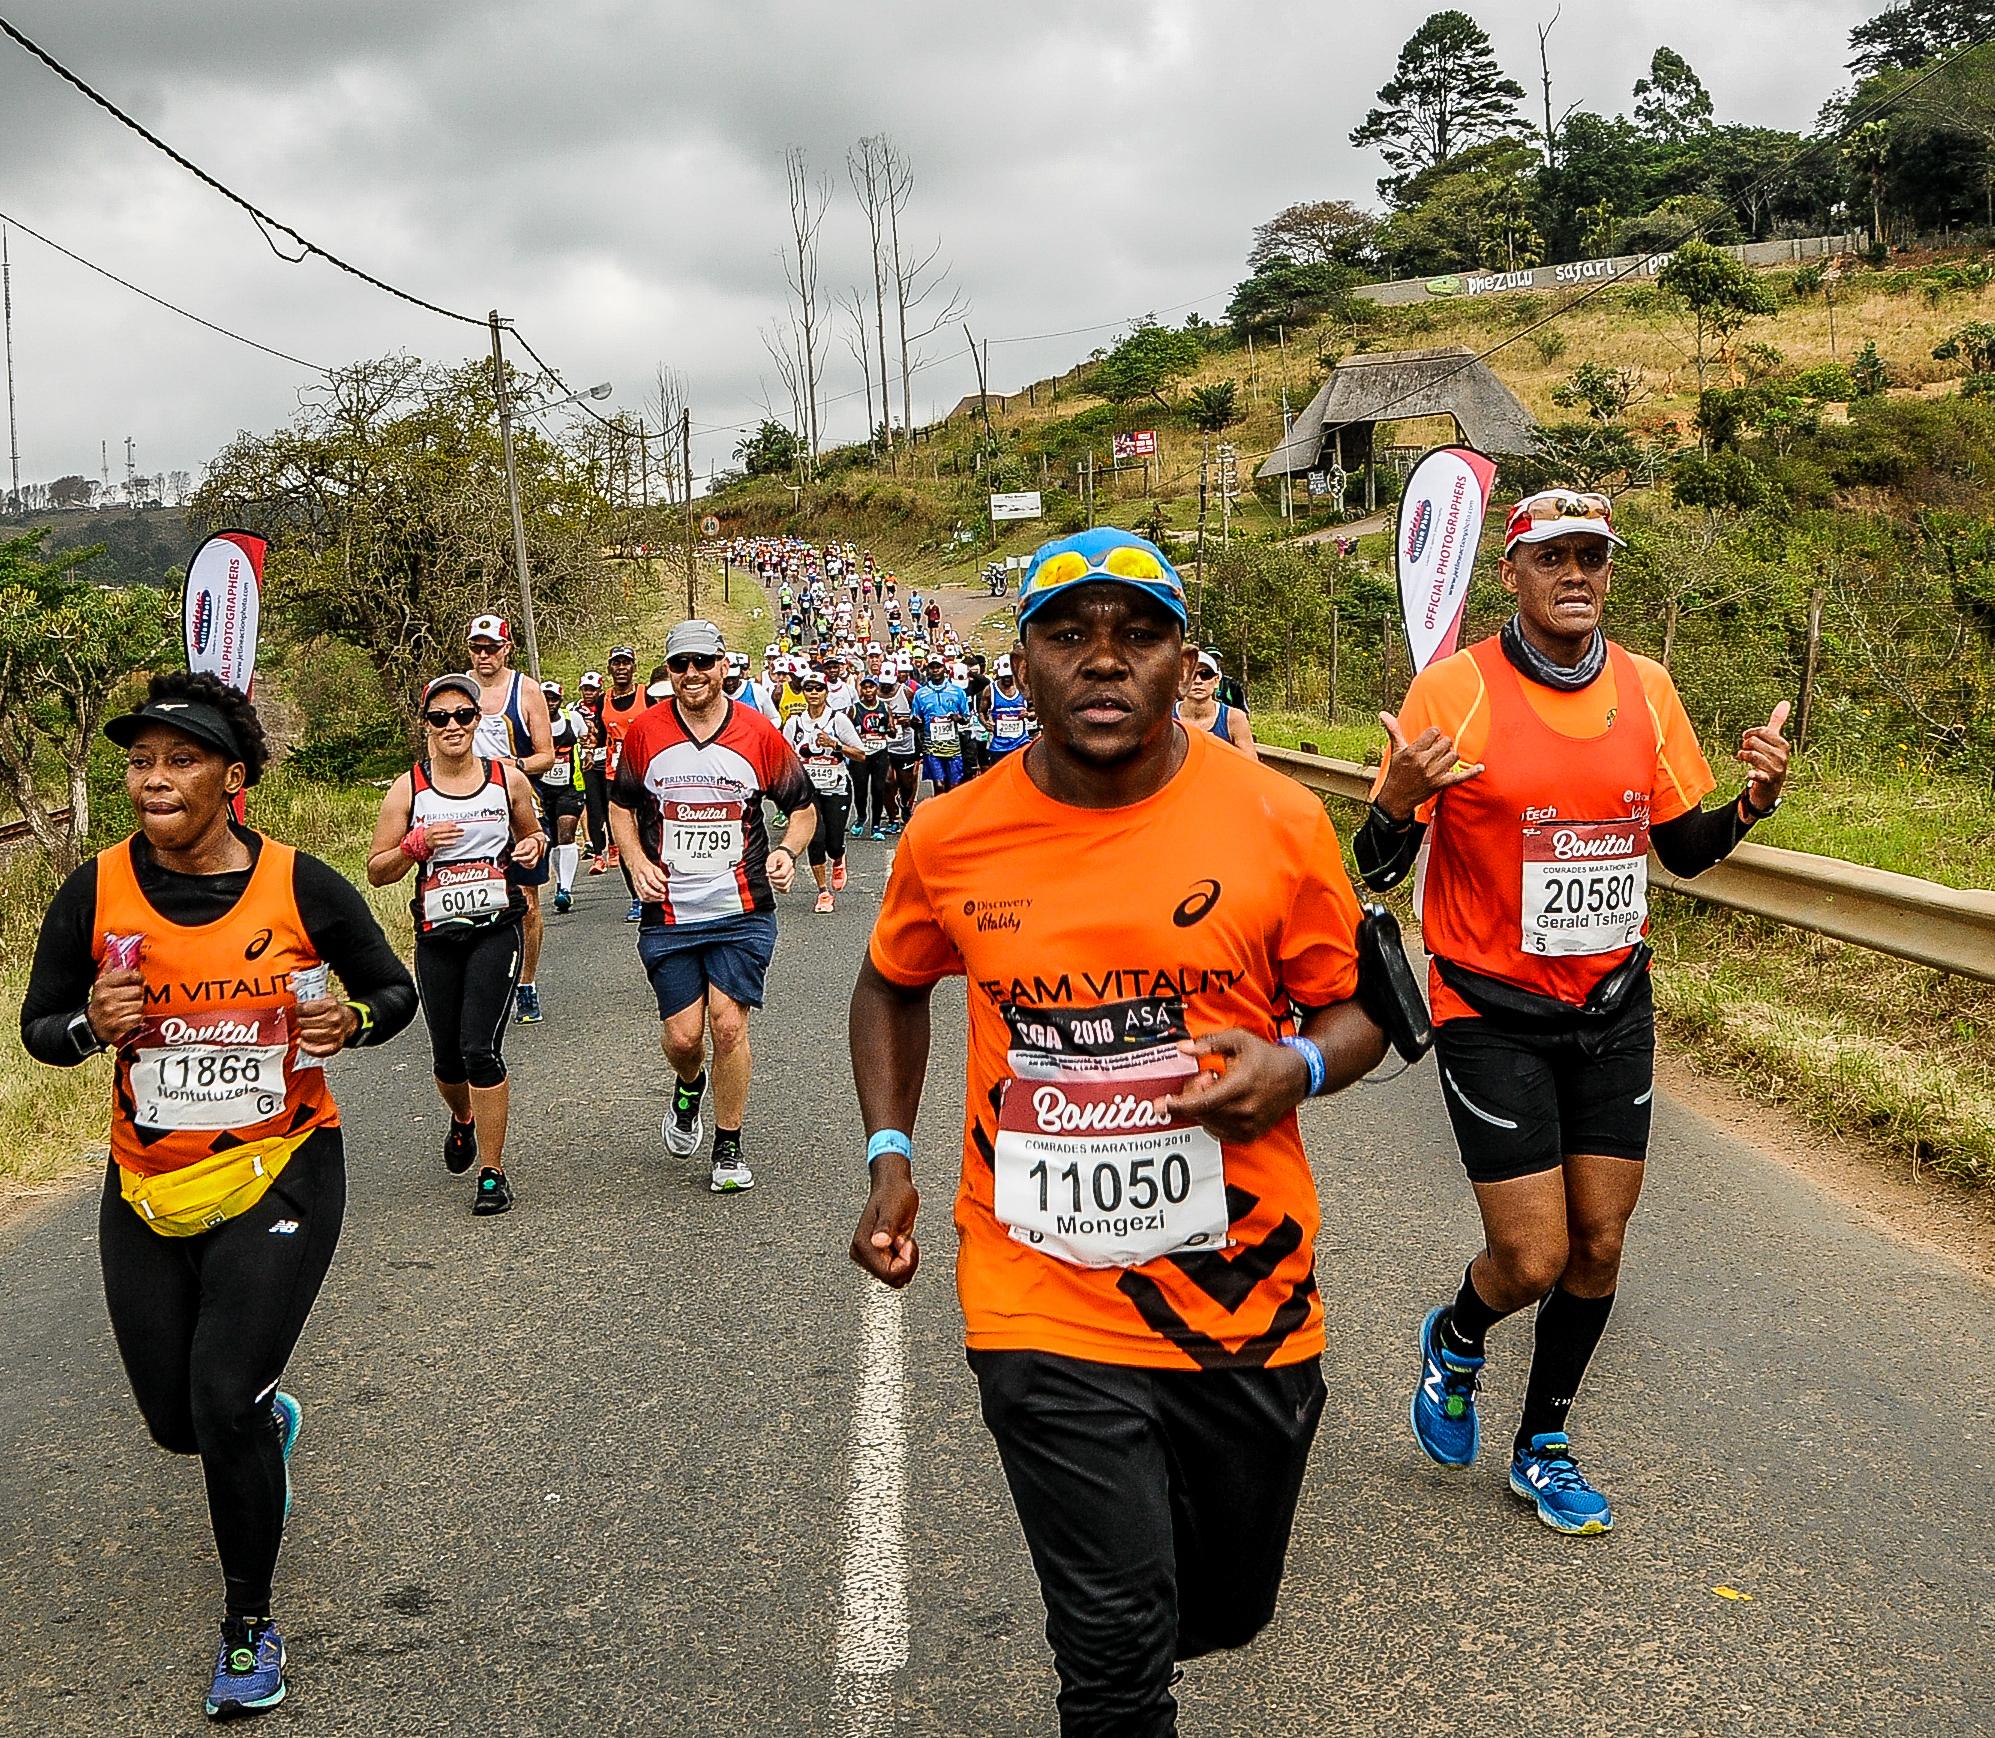 sehr schön an vorderster Front der Zeit große Auswahl an Designs Mongezi Mtati | @MongeziFinishing the Comrades 2018 Marathon ...